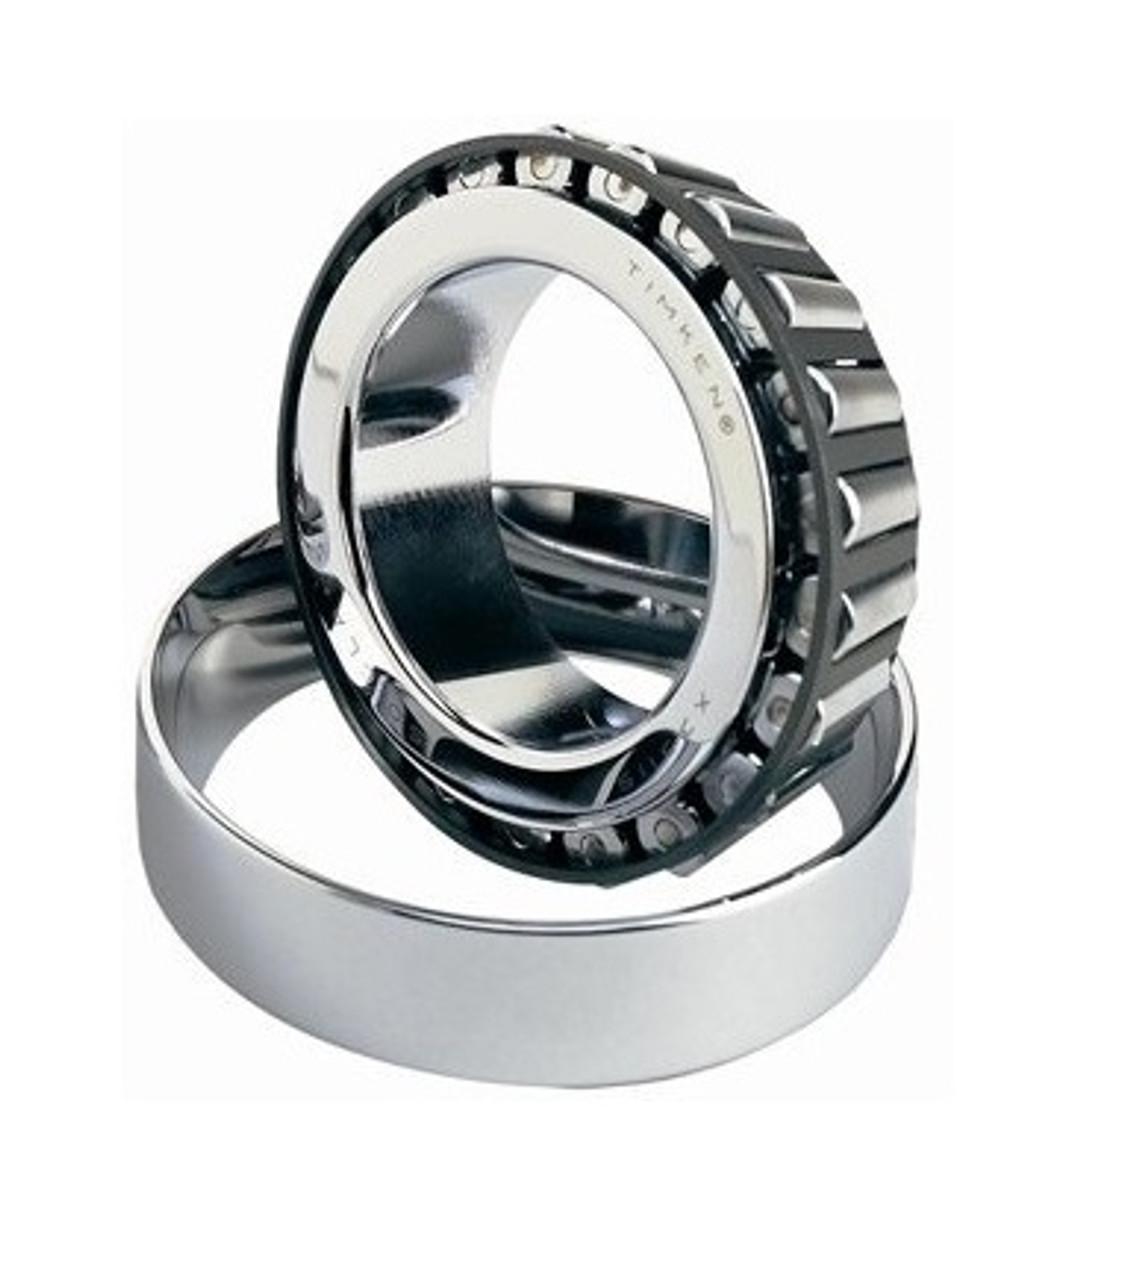 02877/02820 Timken Tapered Roller Bearing Set